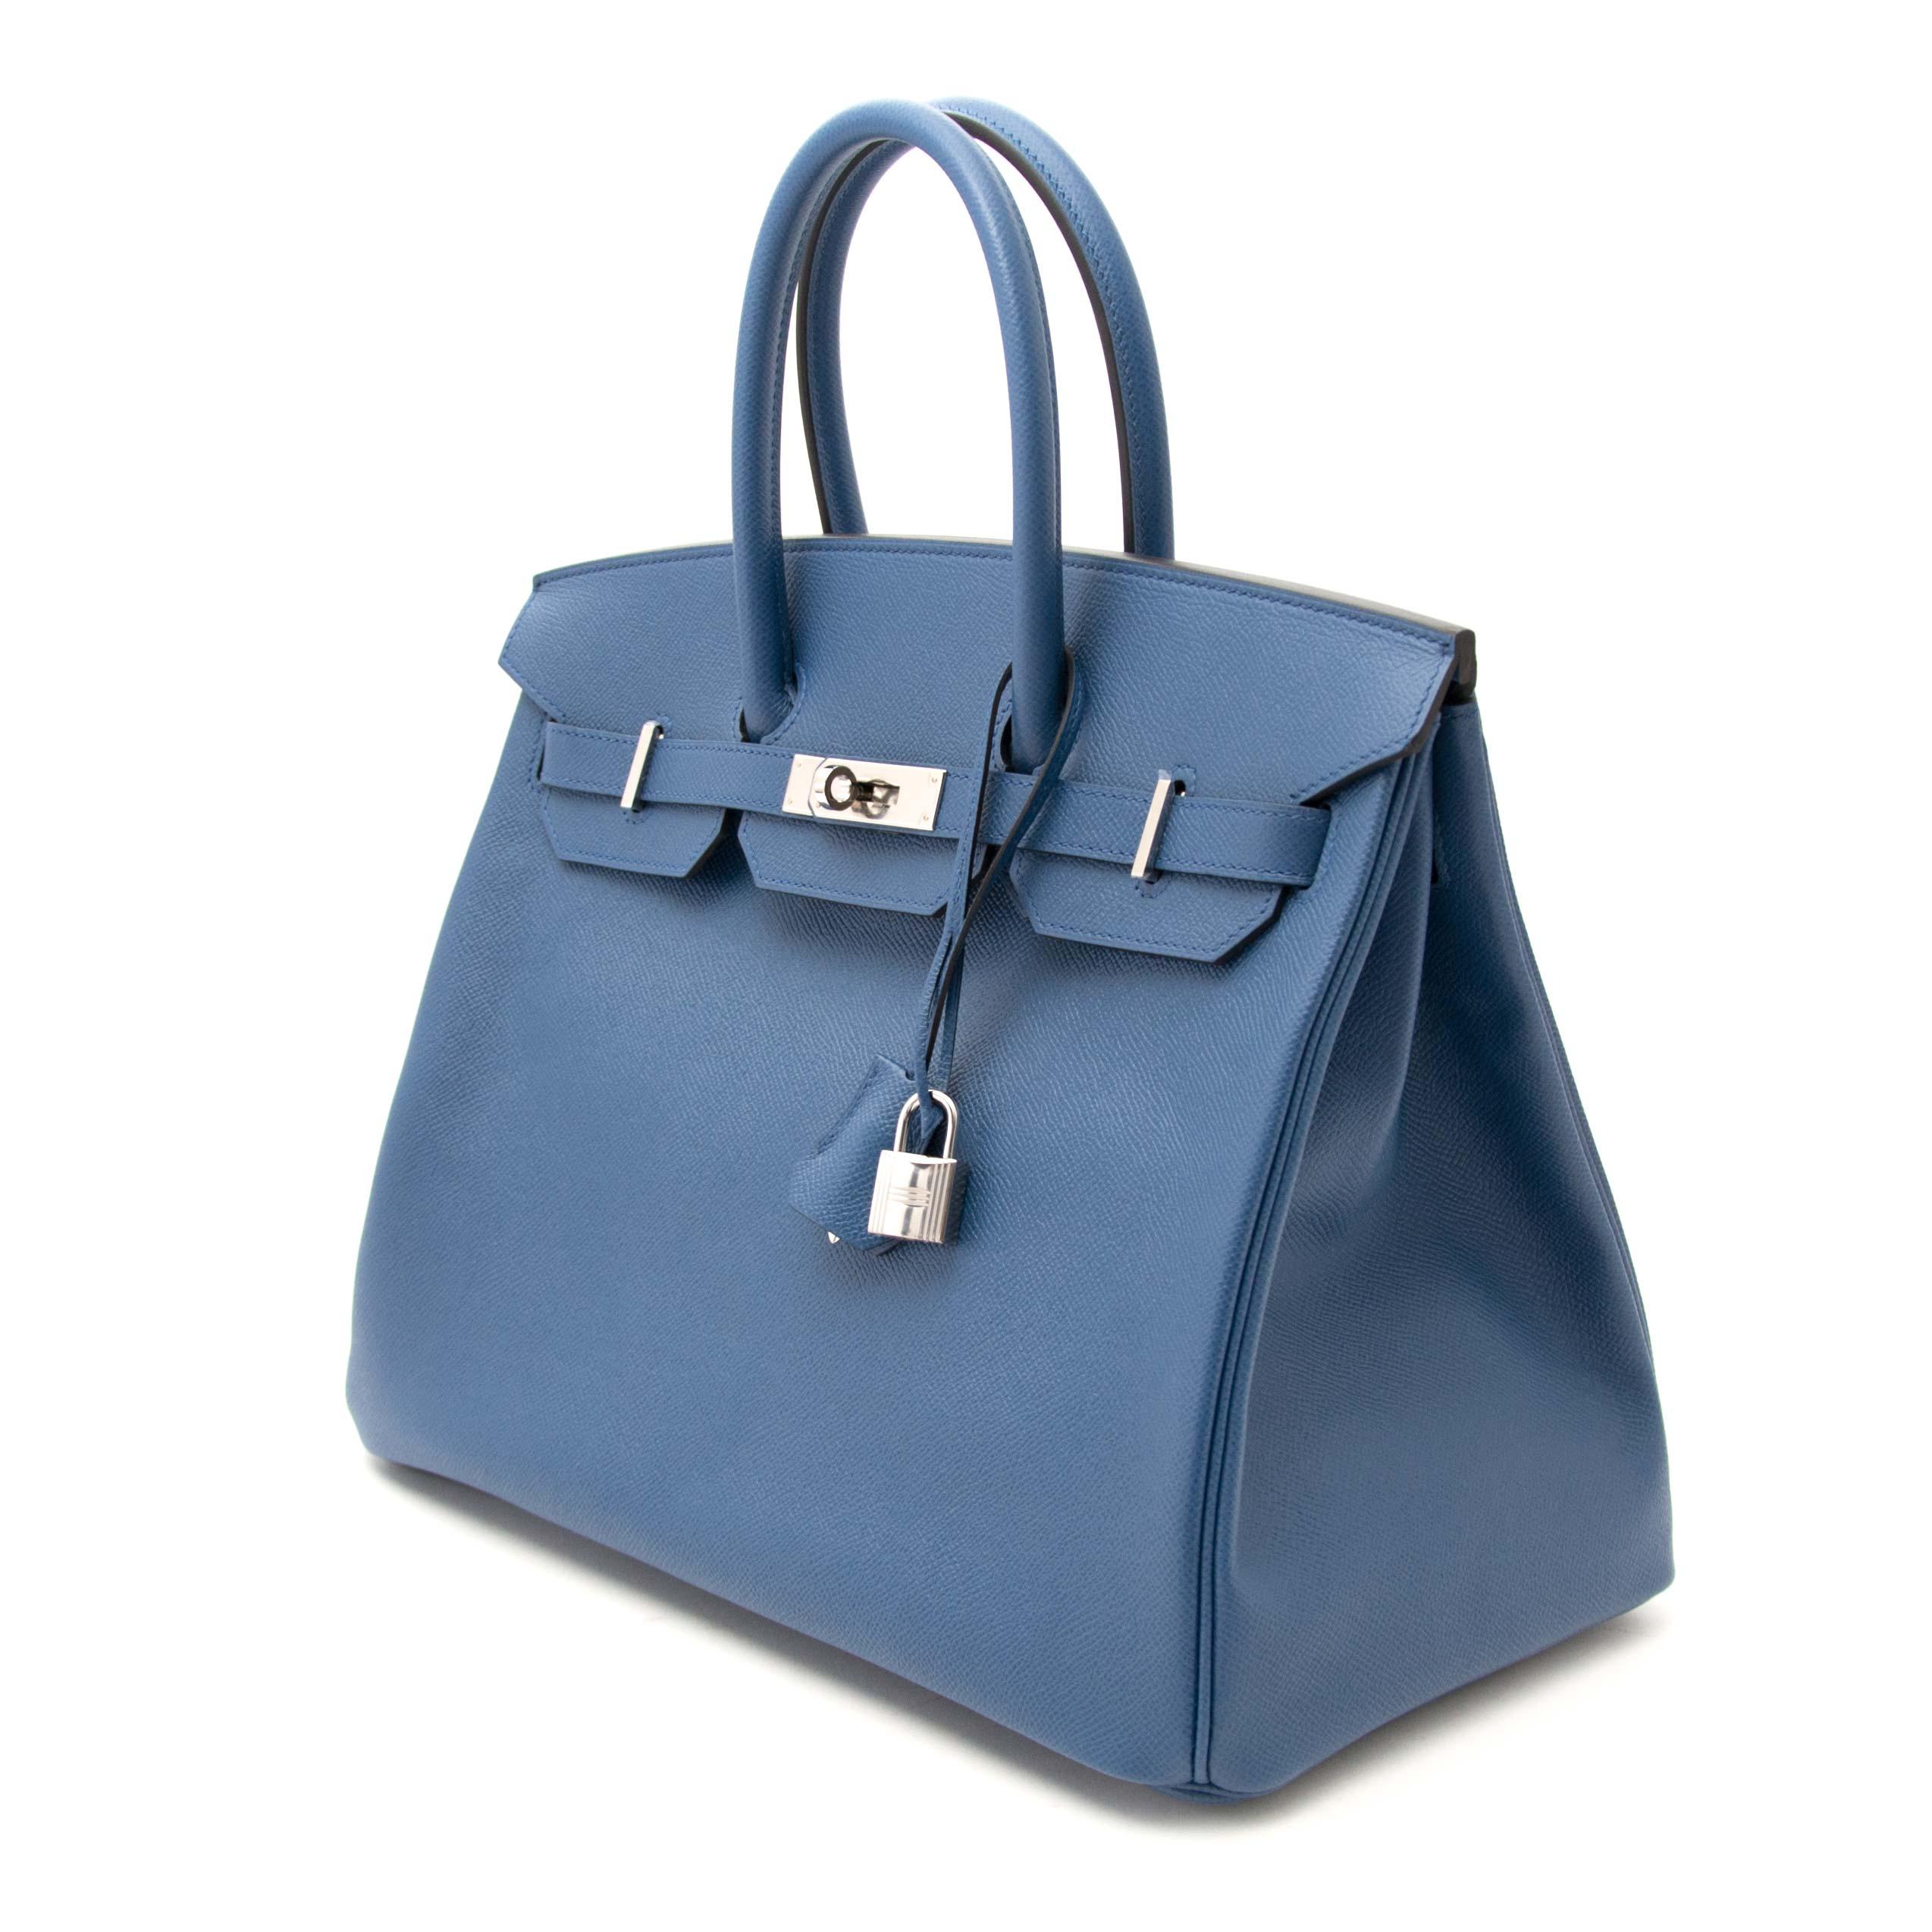 054567e11e6 Never Used Hermes Birkin 35 Epsom Bleu Agate at 1stdibs